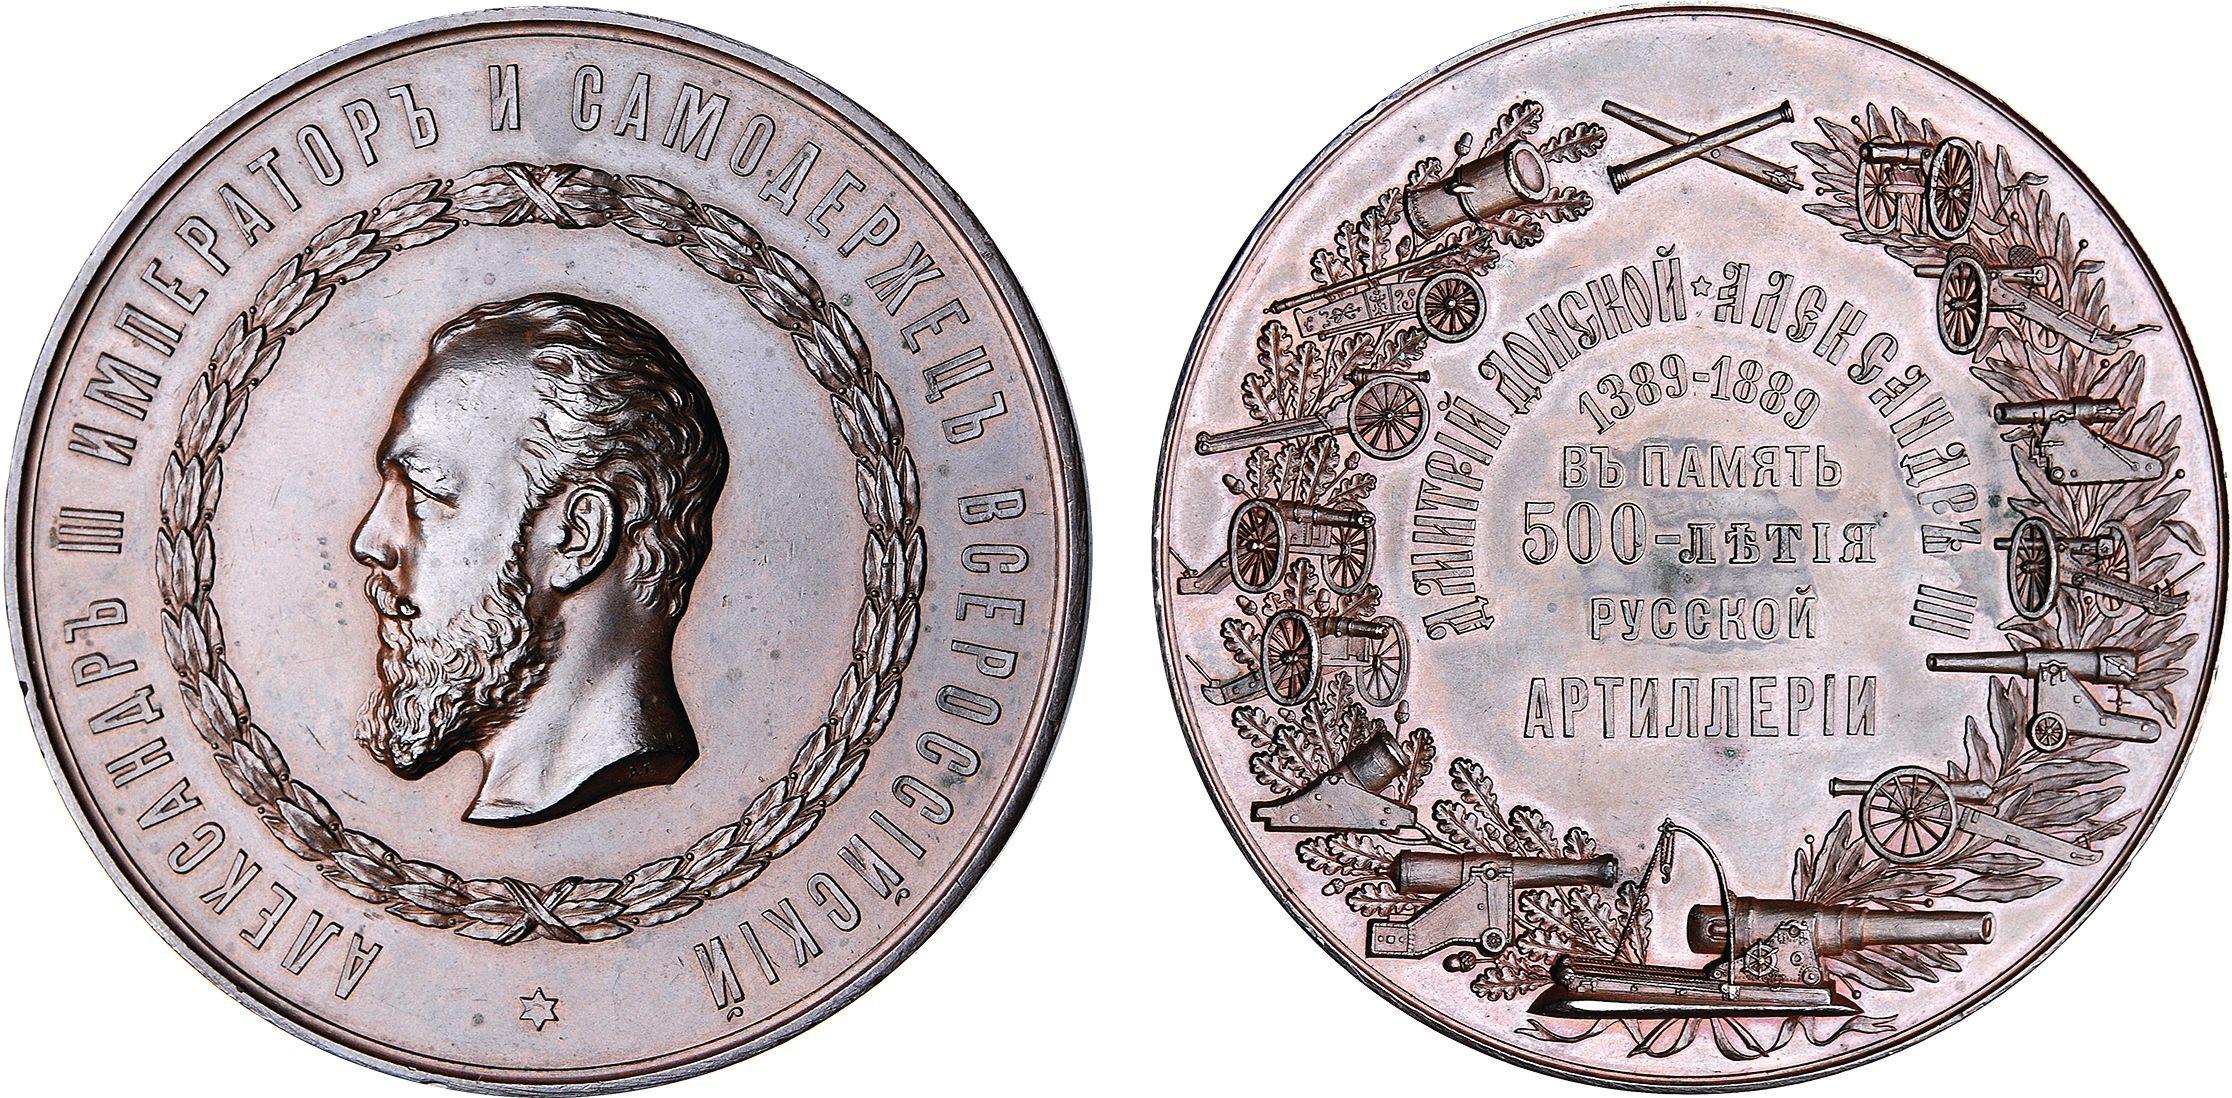 Настольная медаль «В память 500-летия русской артиллерии. 1389-1889 гг.»